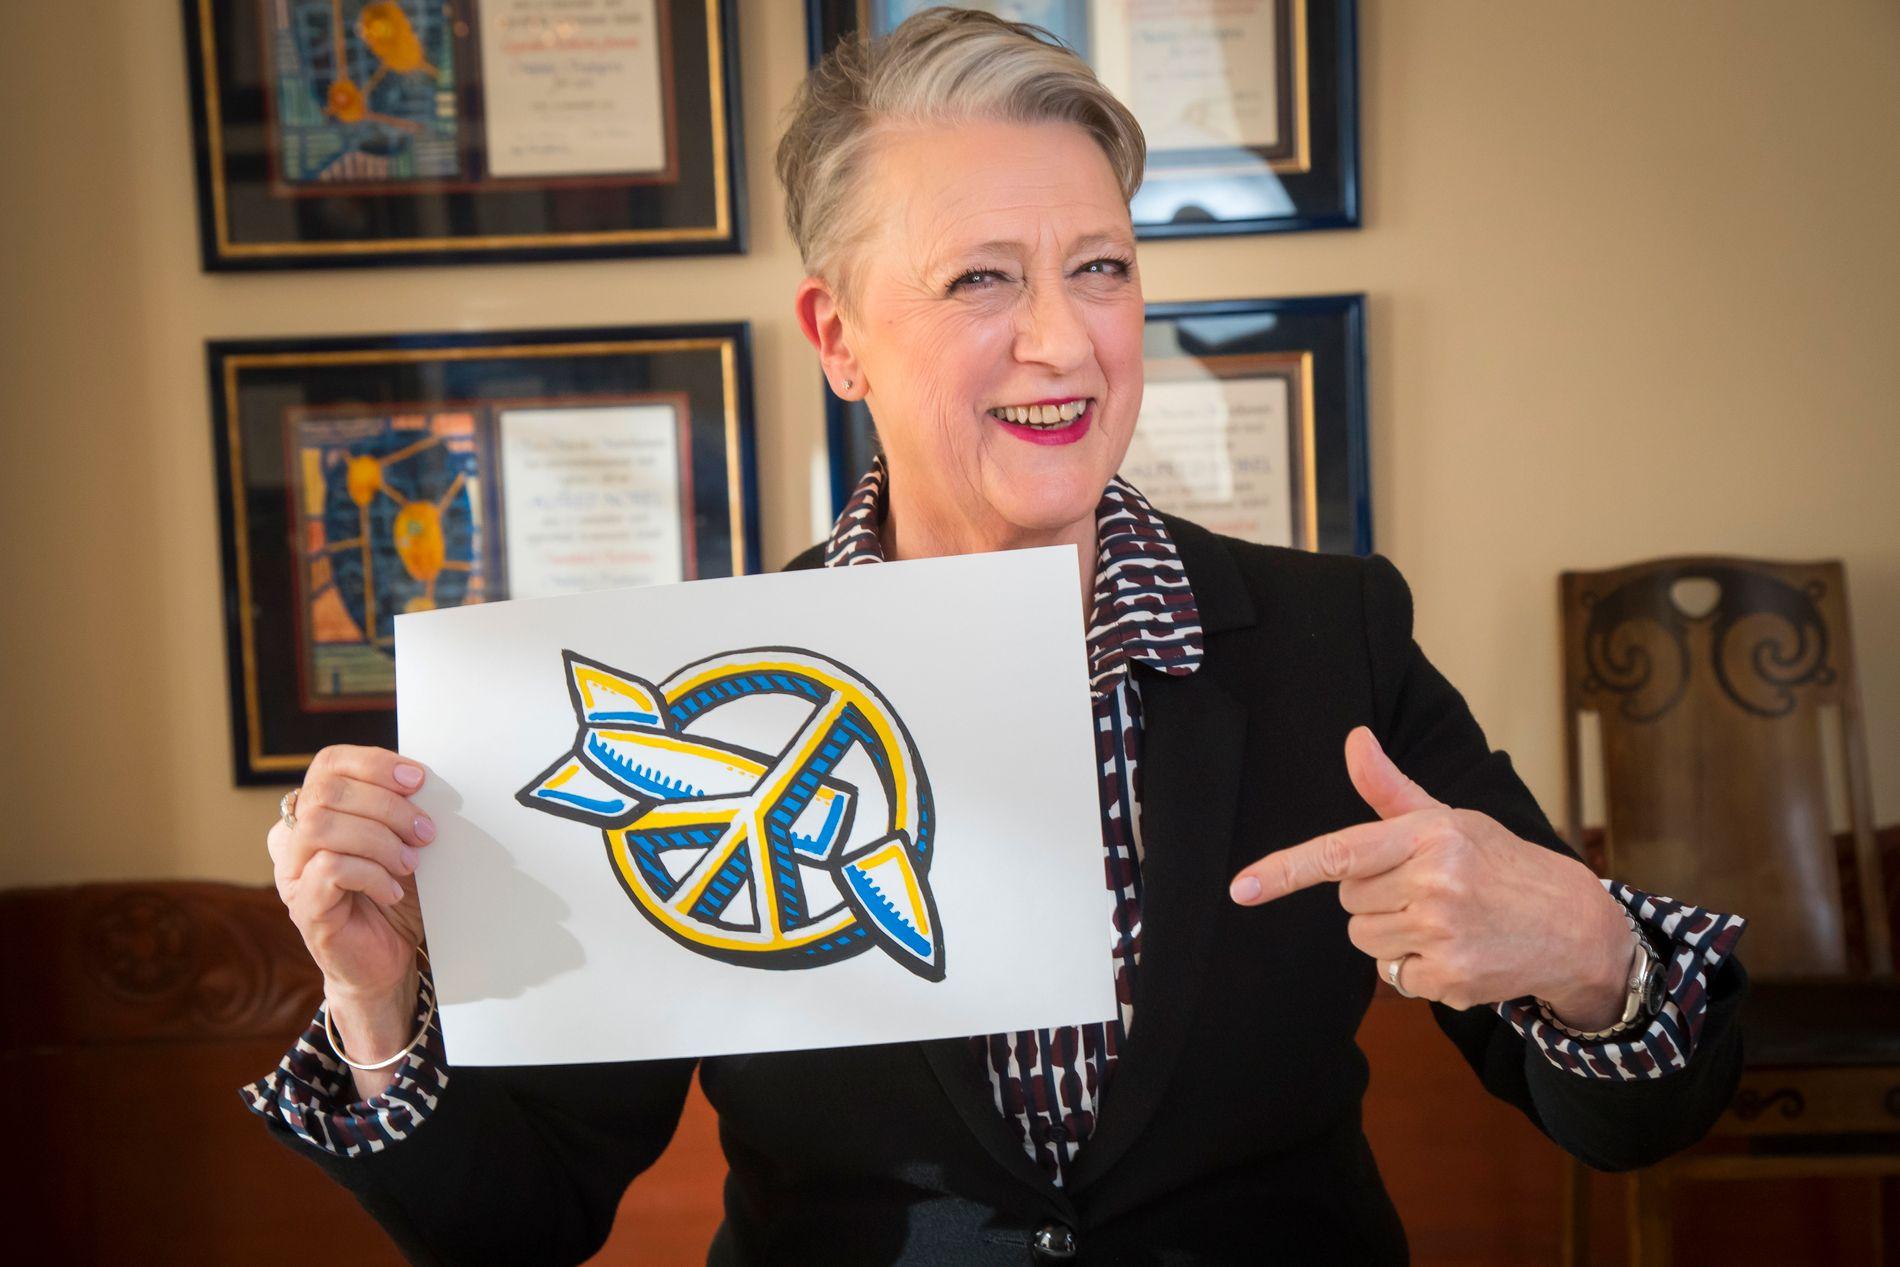 GA NOBELPRISEN TIL ICAN: Berit Reiss-Andersen, leder av Nobelkomiteen, med en tegning av logoen til Den internasjonale kampanjen for forbud mot atomvåpen.